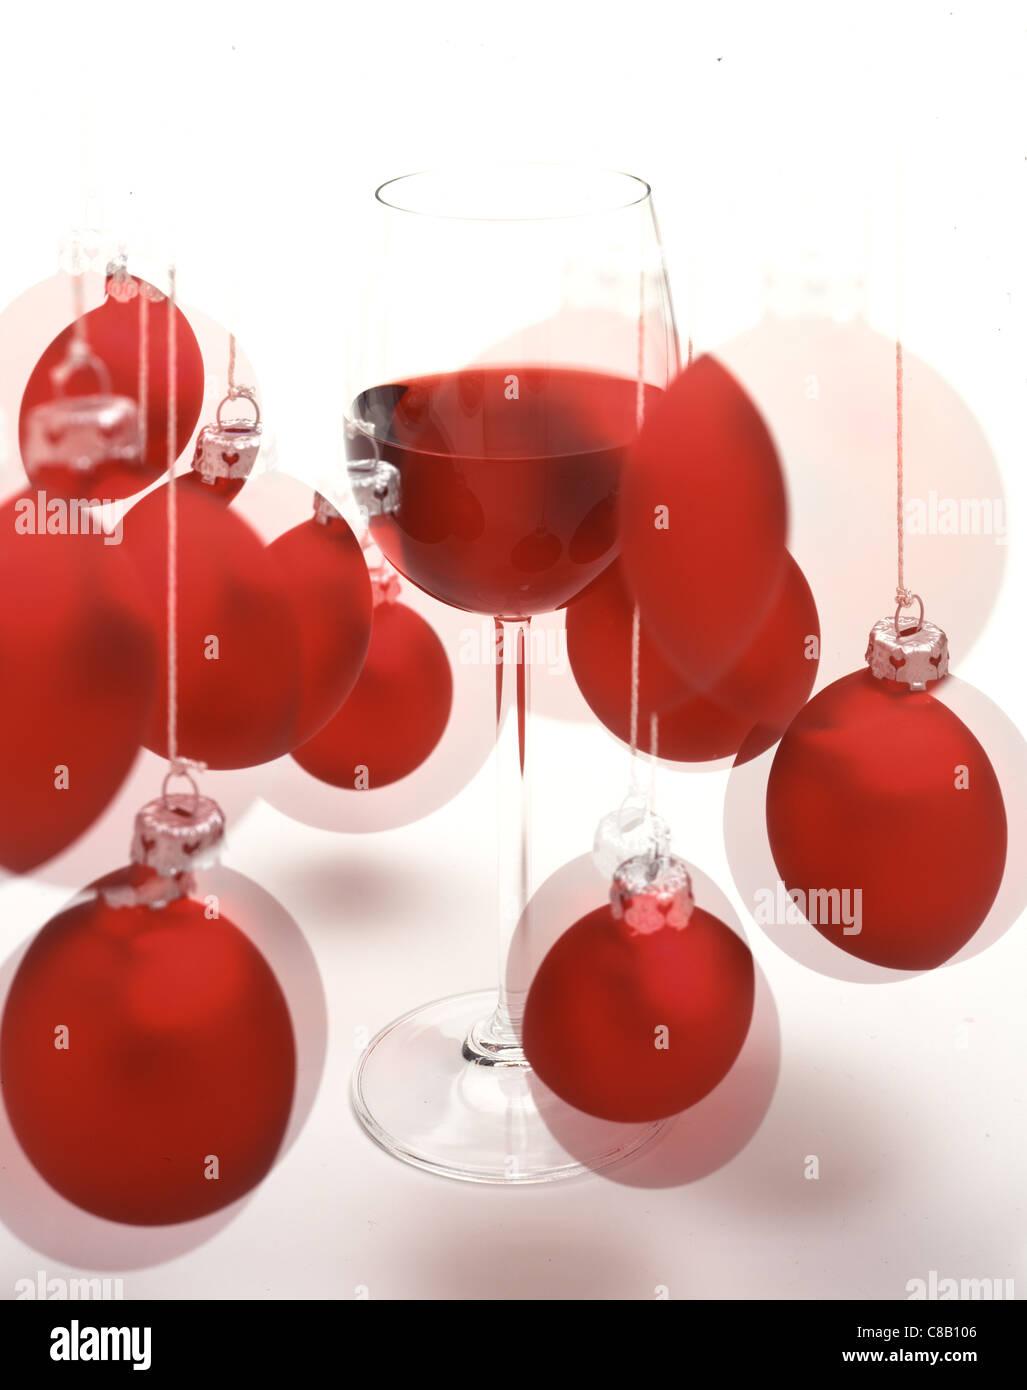 Rote Christbaumkugeln Glas.Christbaumkugeln Glas Rot